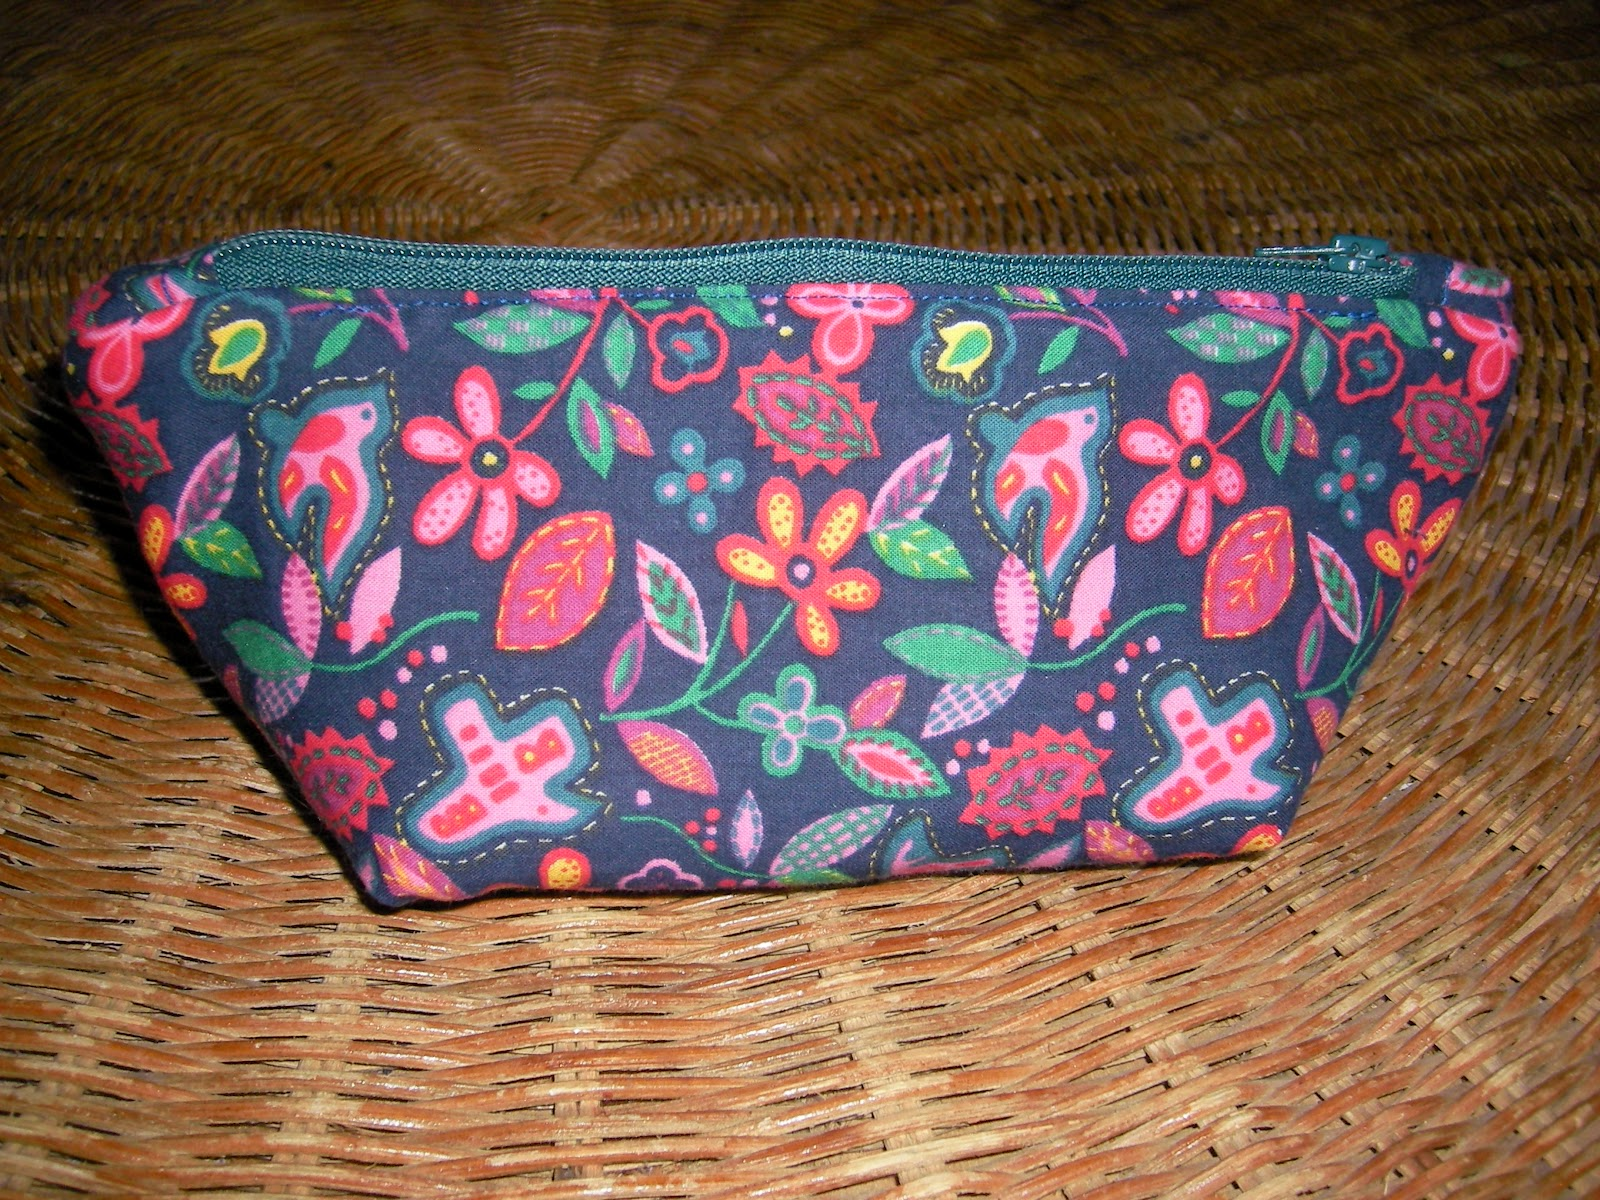 juan s wunderland kleines t schchen f r die handtasche. Black Bedroom Furniture Sets. Home Design Ideas